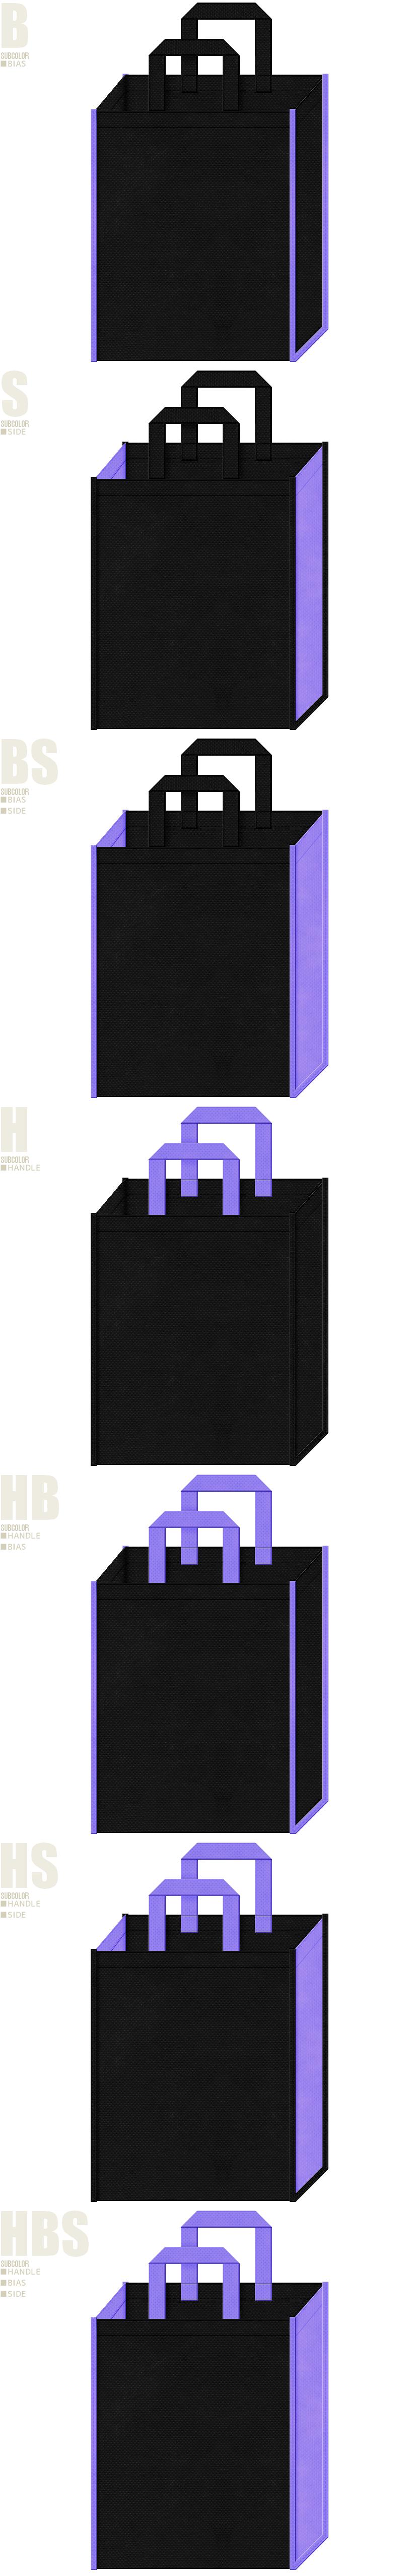 黒色と明るめの紫色、7パターンの不織布トートバッグ配色デザイン例。スポーティーファッションにお奨めです。